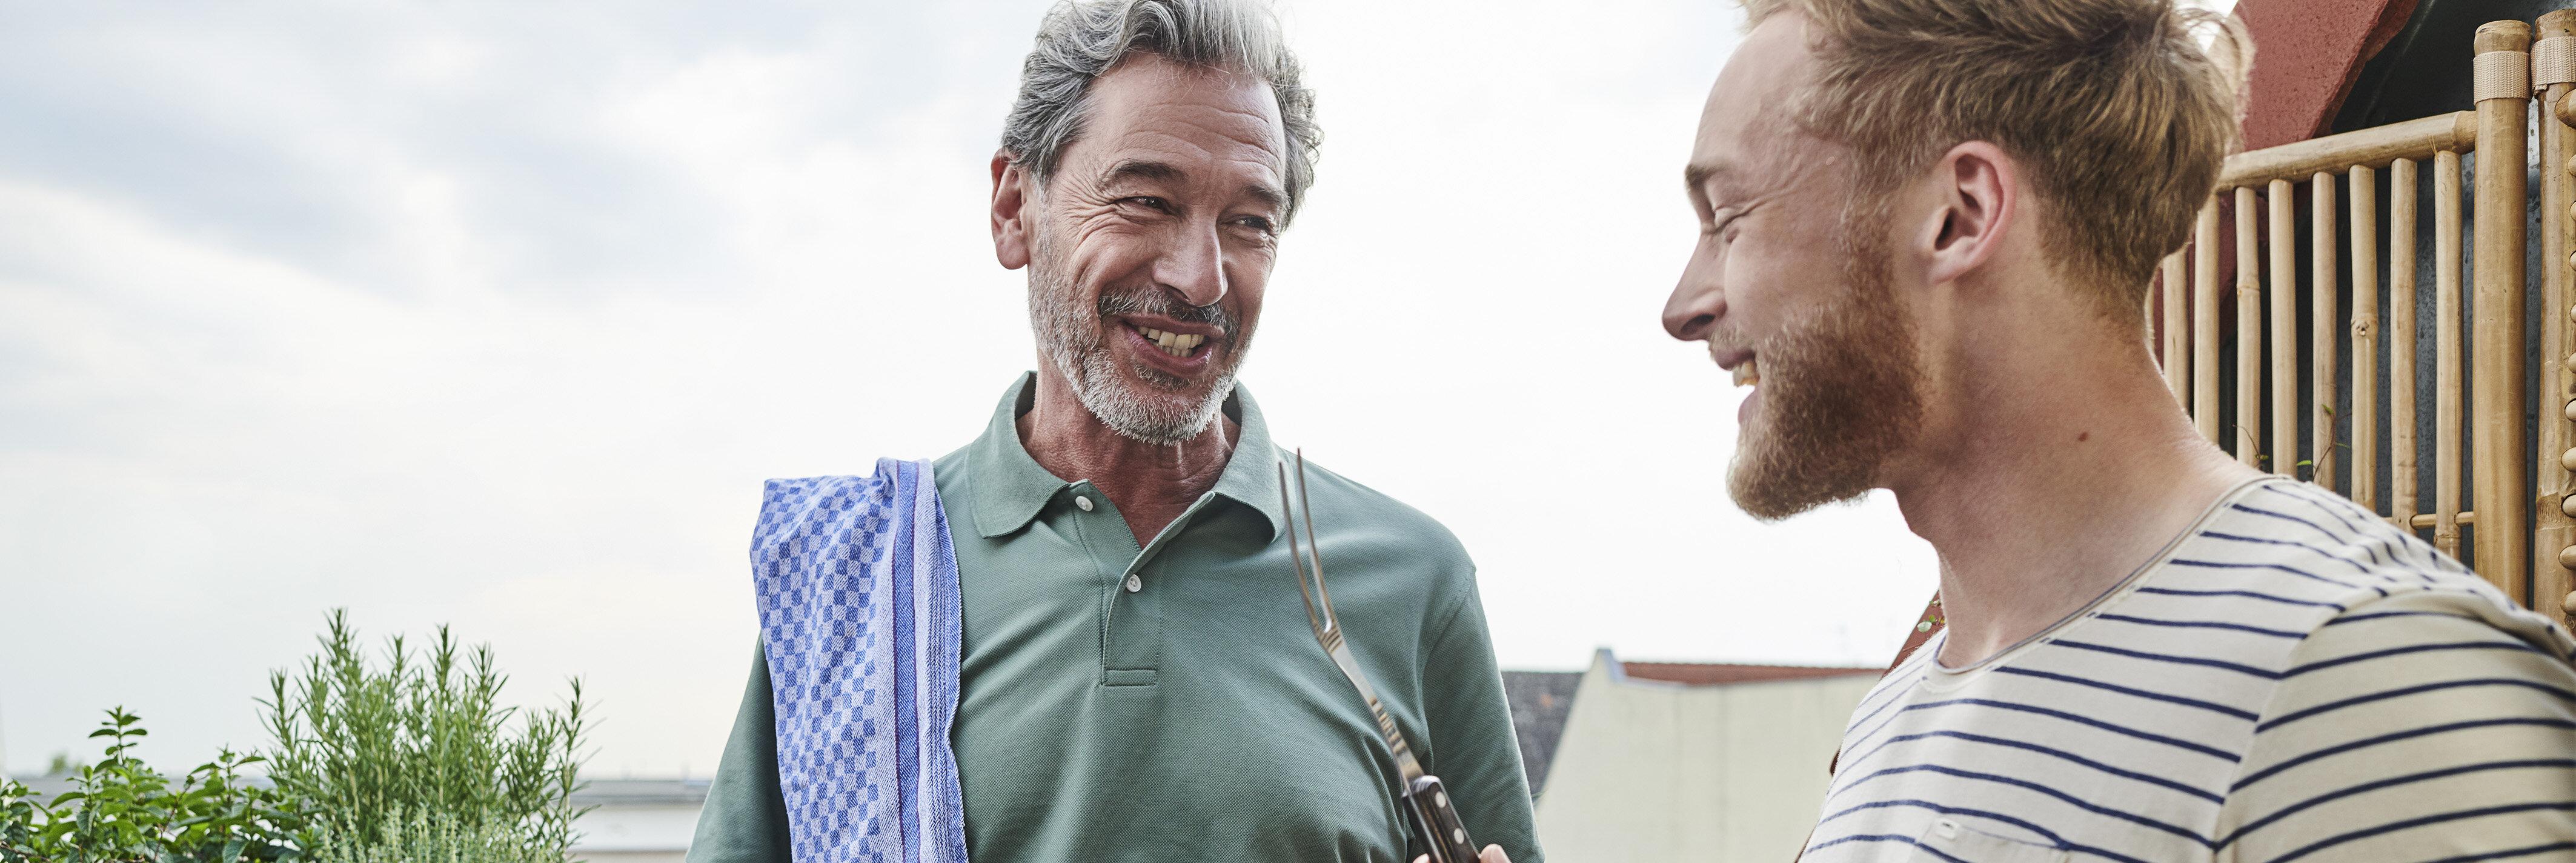 Zwei Männer unterhalten sich auf dem Balkon